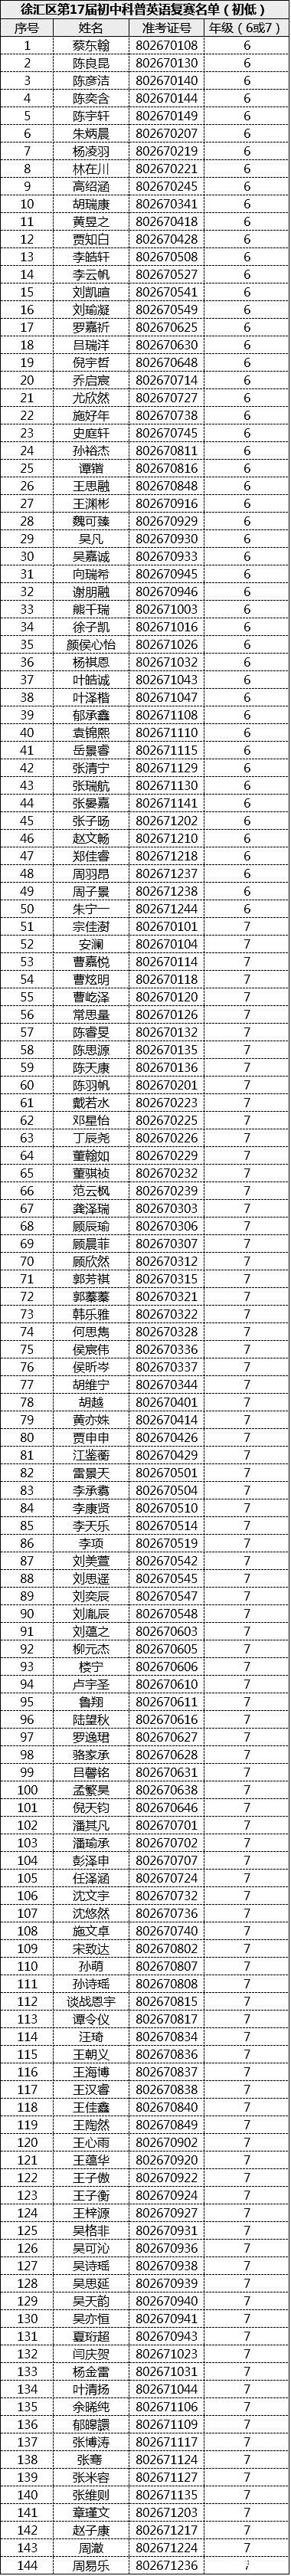 第17届科普英语竞赛徐汇区入围复赛名单(初中低年级组)